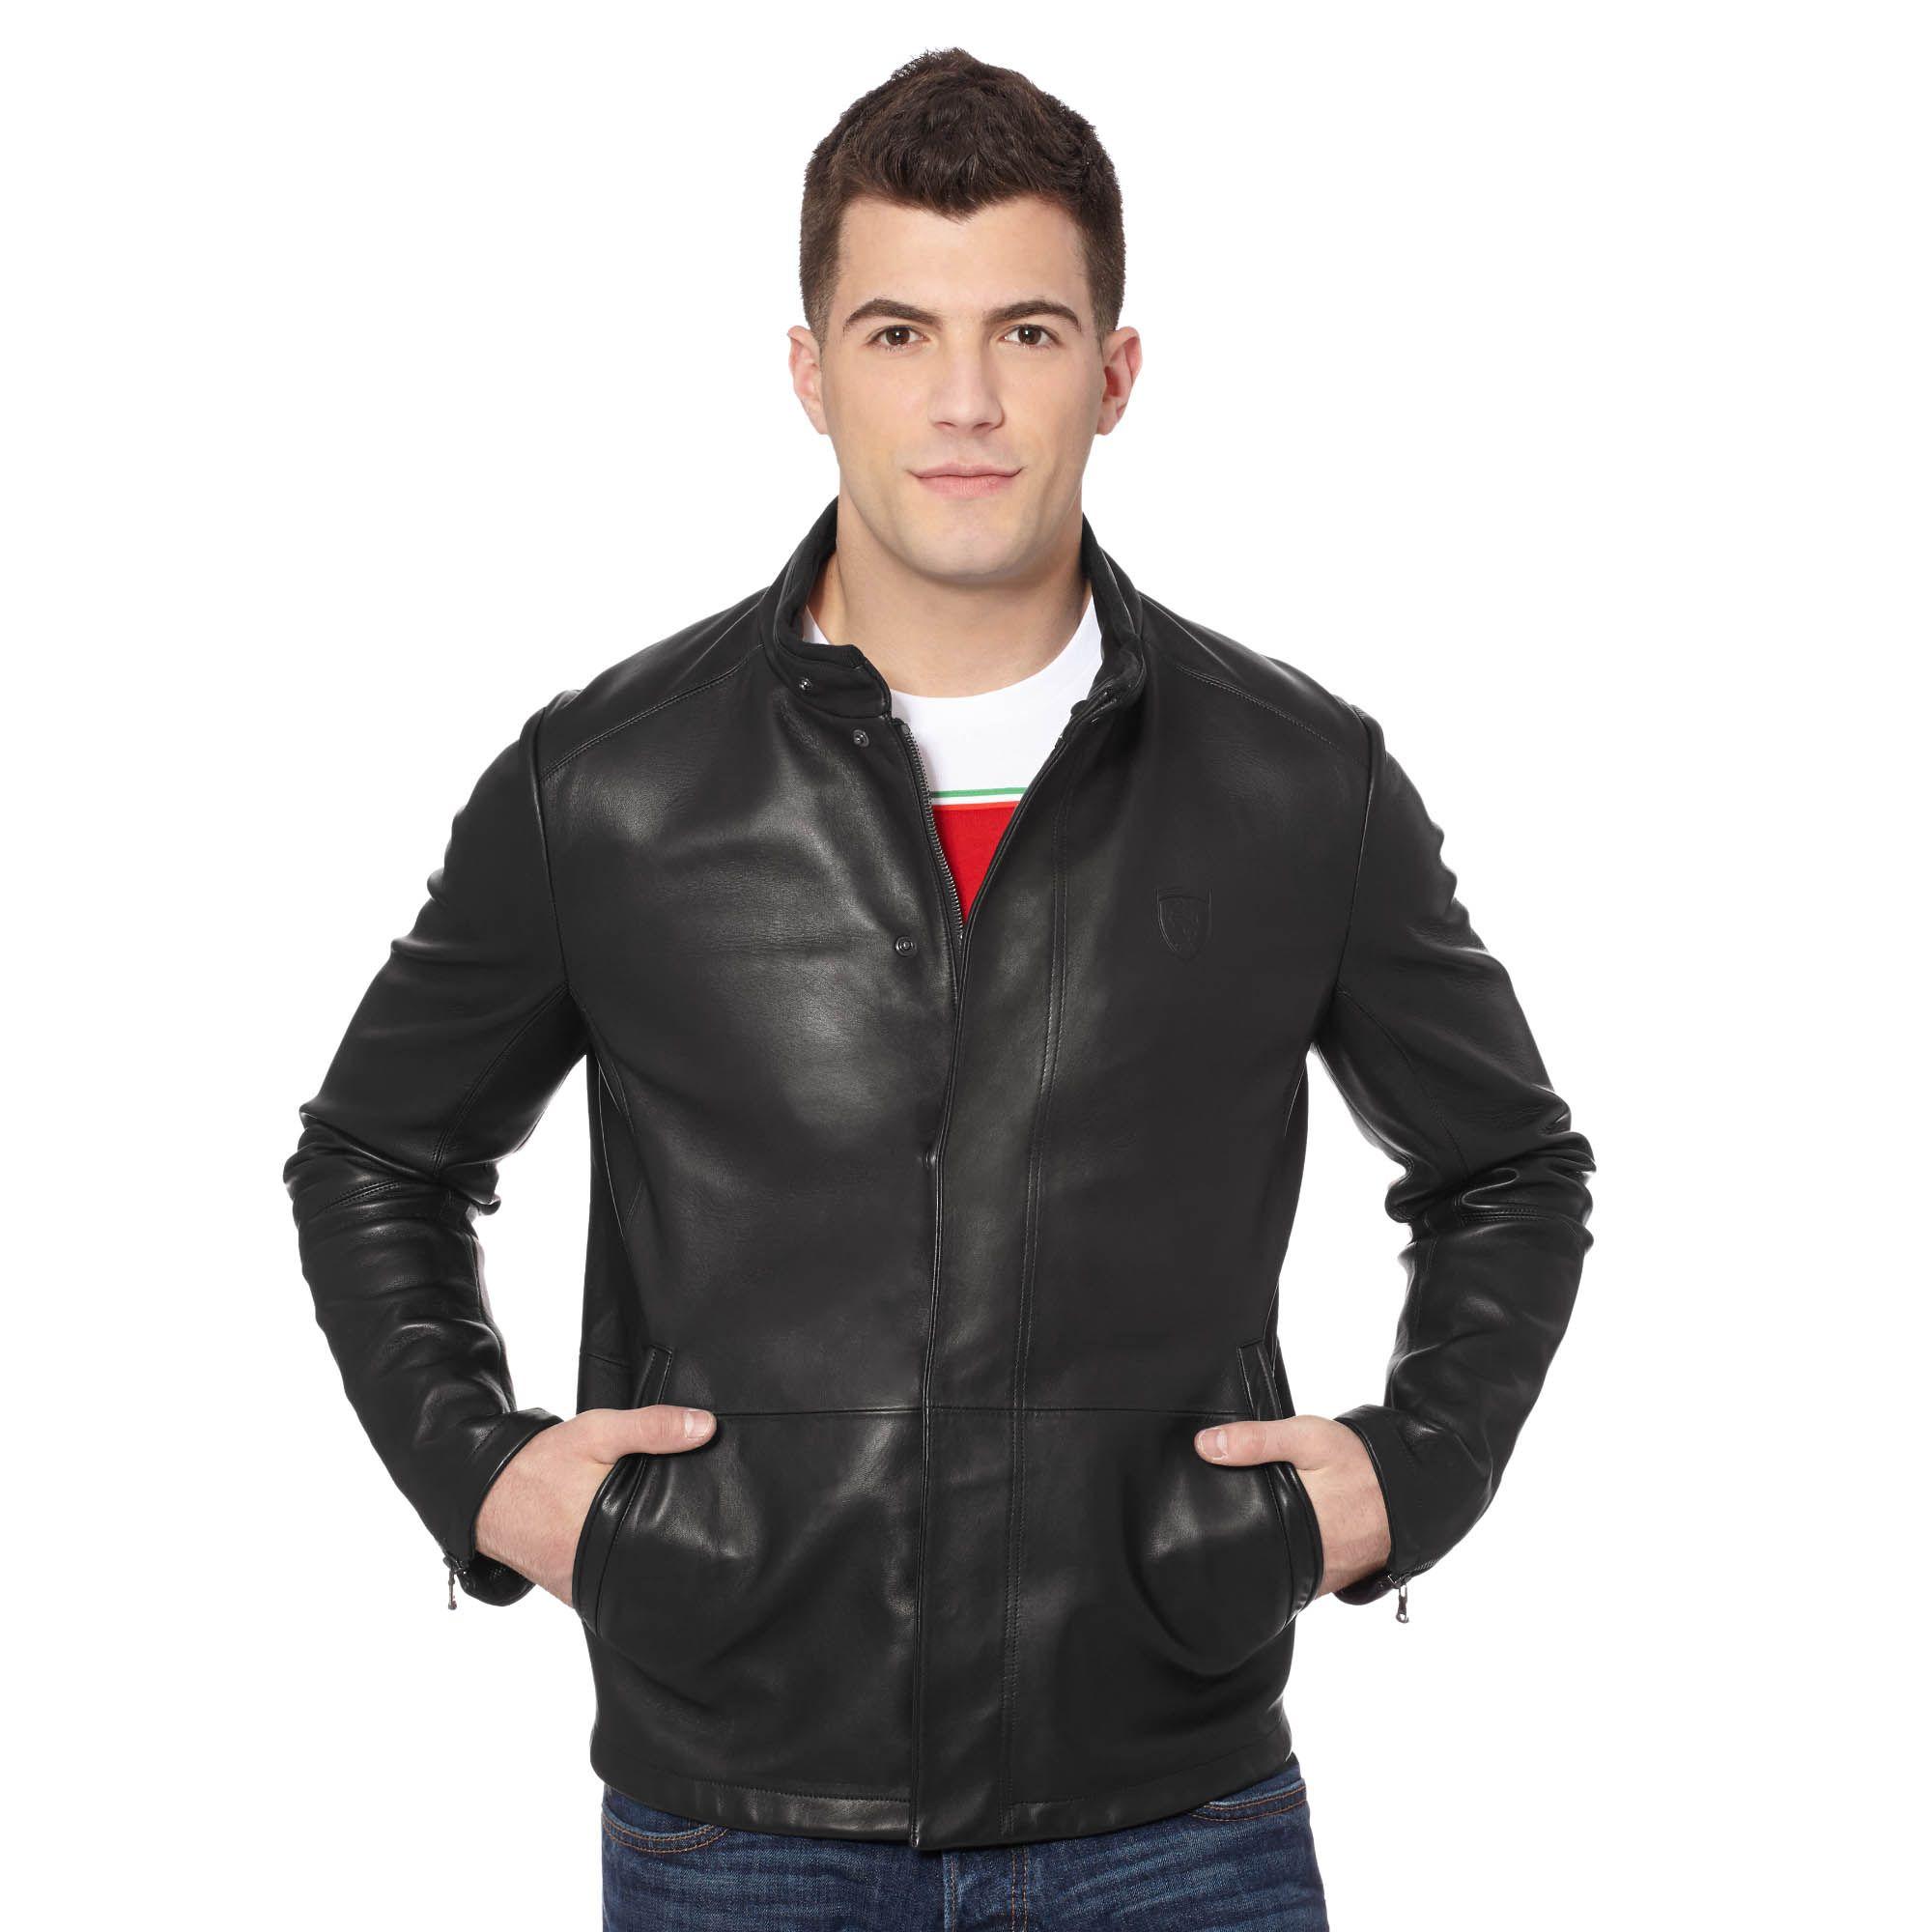 Ferrari Premium Leather Jacket